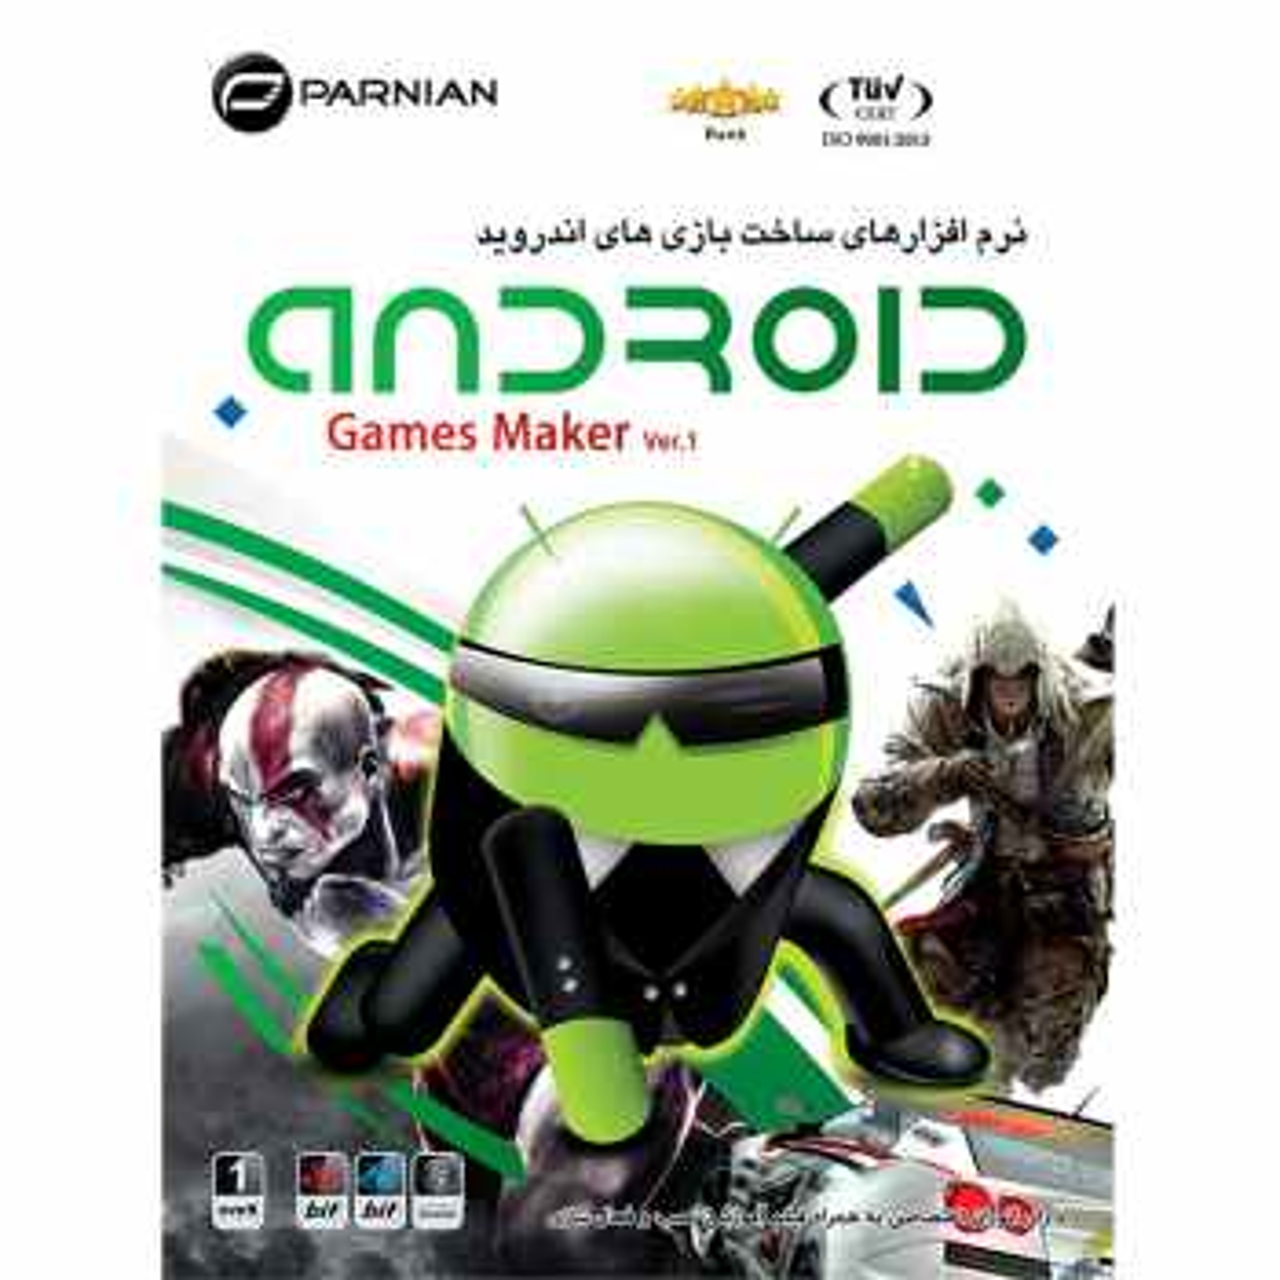 نرم افزارهای ساخت بازی های اندروید نشر پرنیان